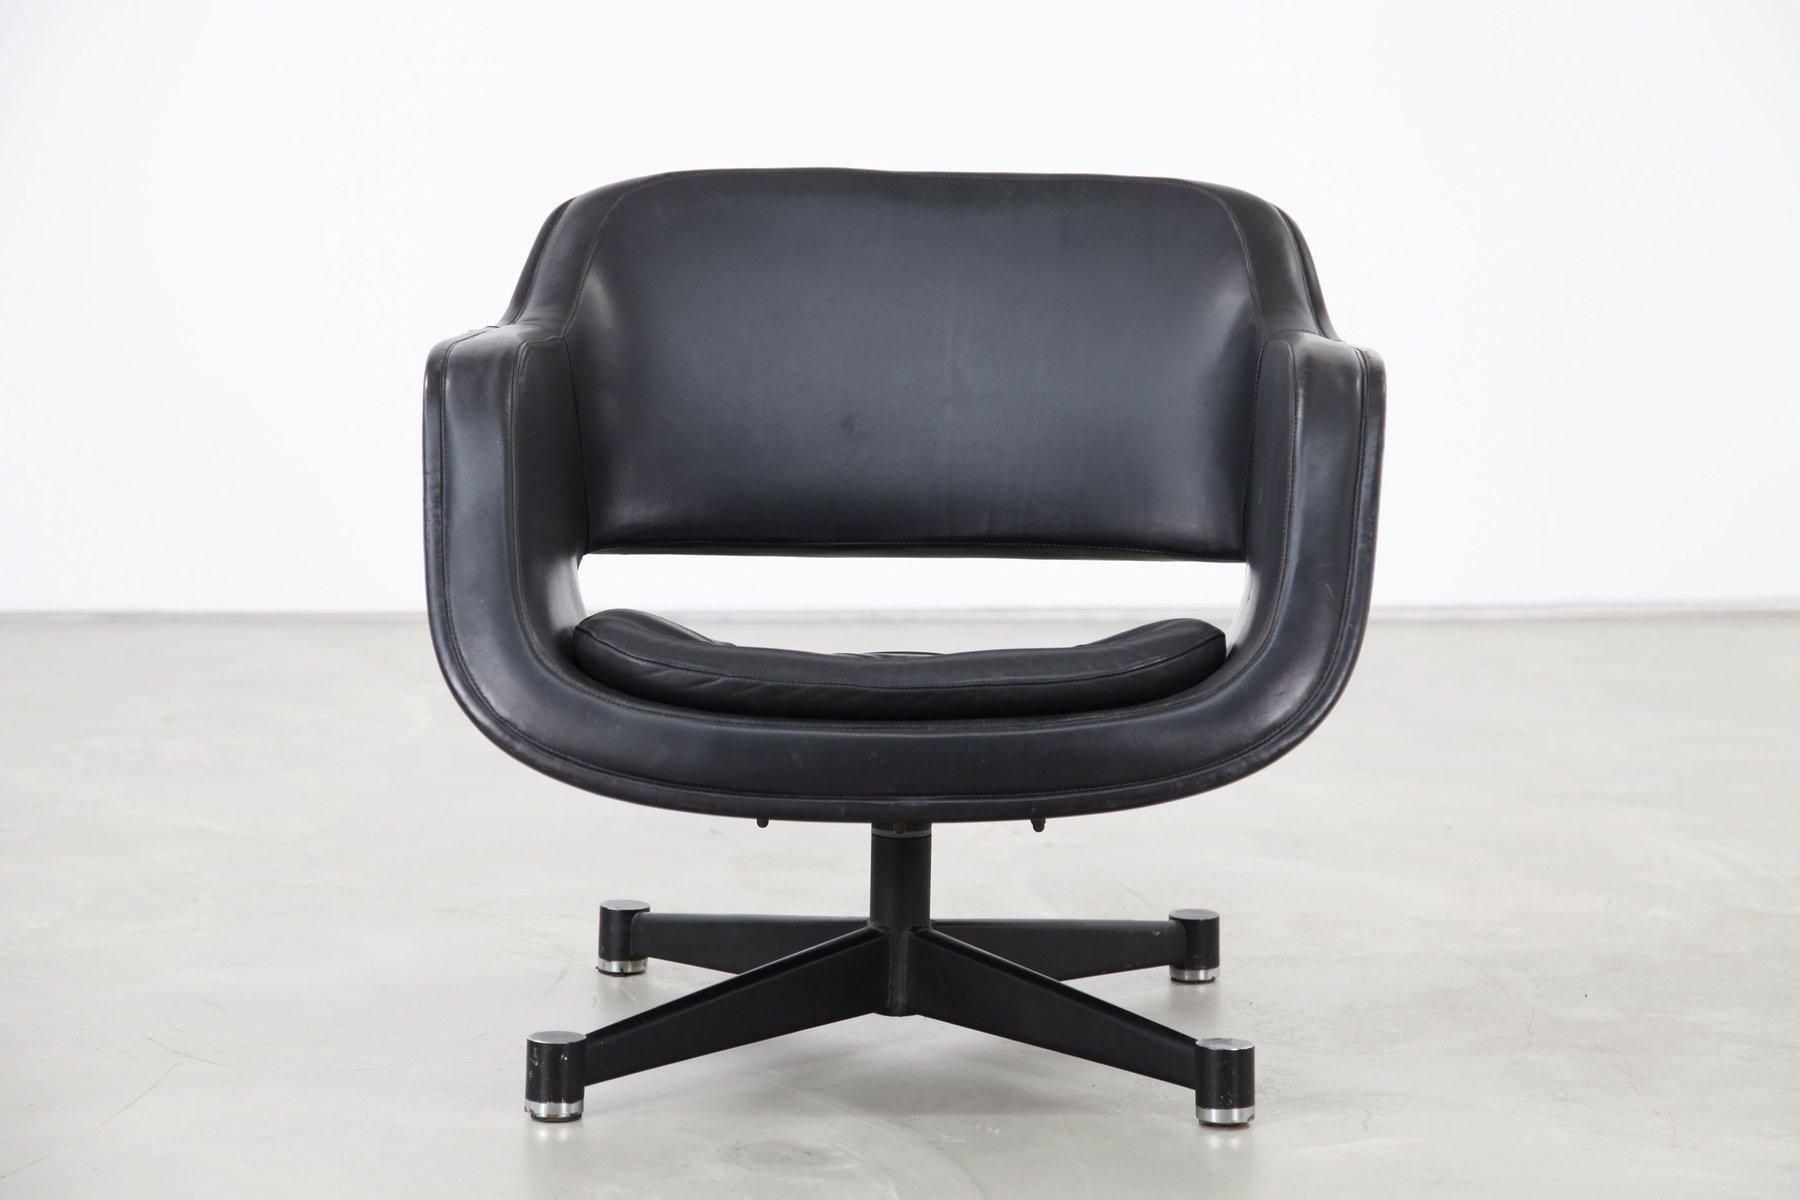 fauteuils pivotant par eero aarnio for asko finlande 1960s set de 2 en vente sur pamono. Black Bedroom Furniture Sets. Home Design Ideas